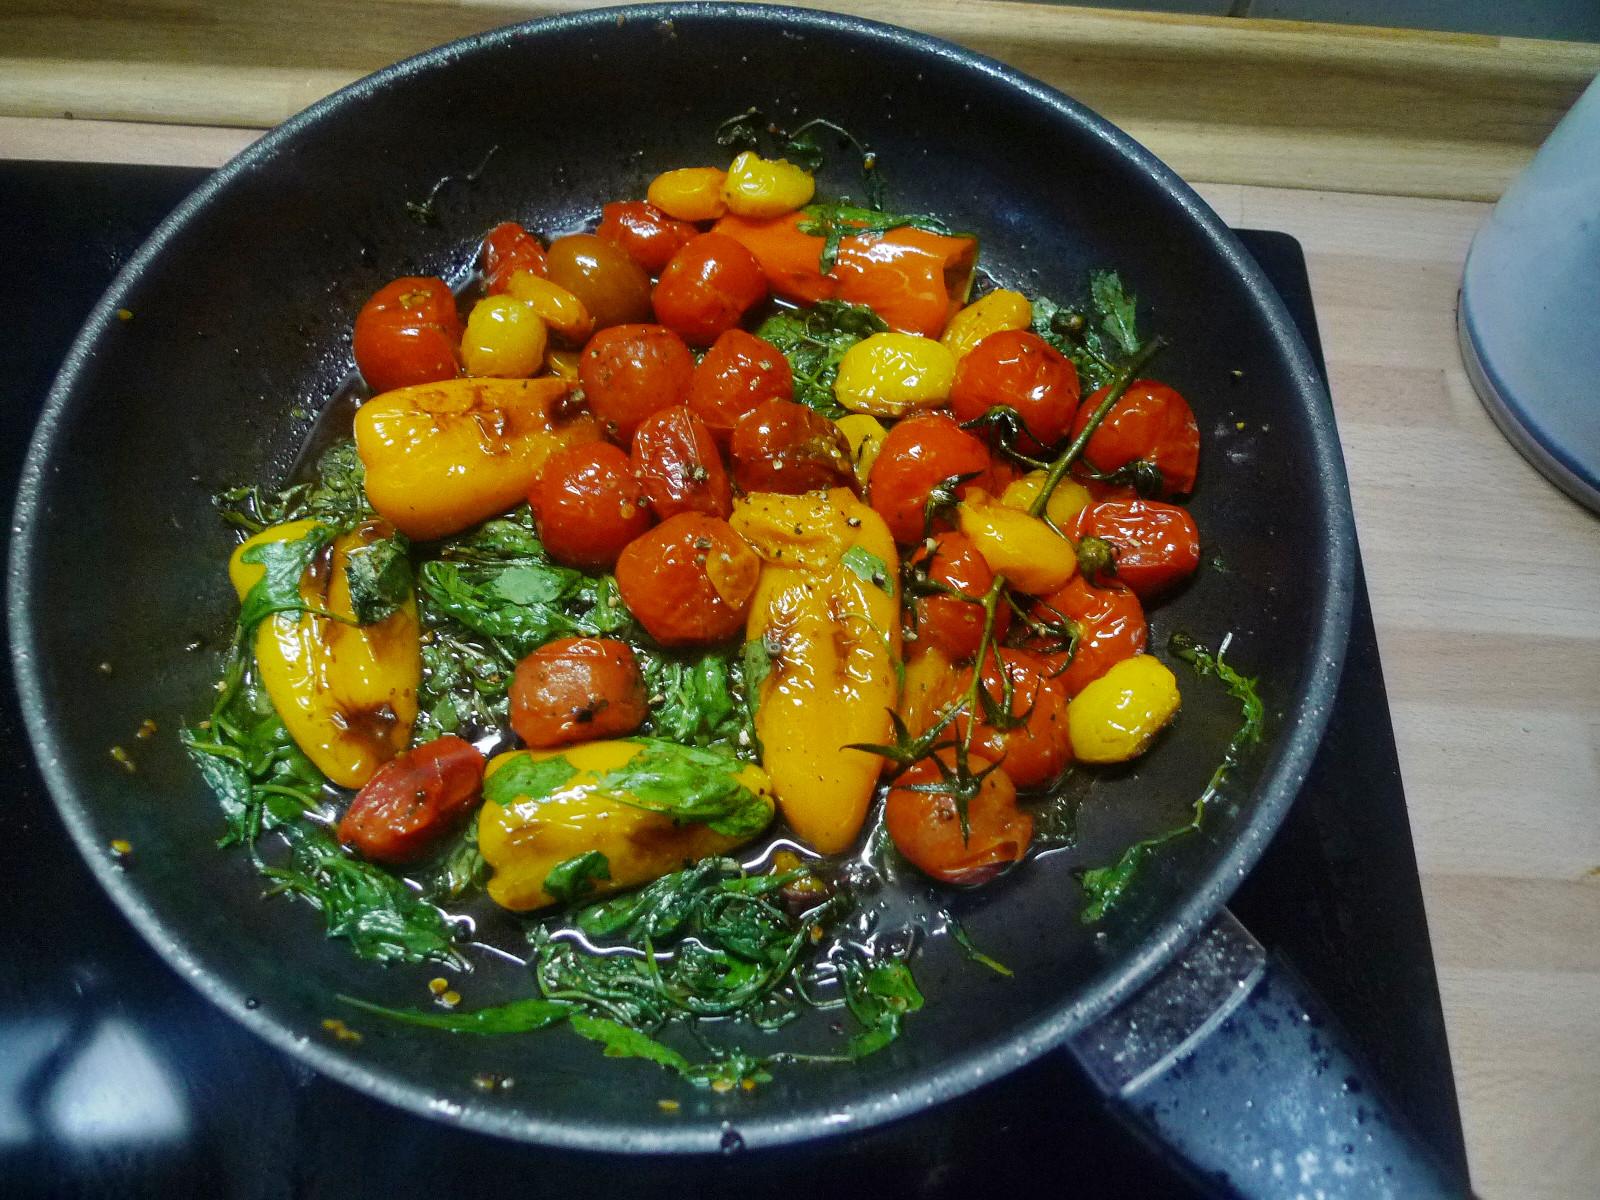 Nudeln mit Olivenpesto und Minigemüse - 21.11.14  (8)